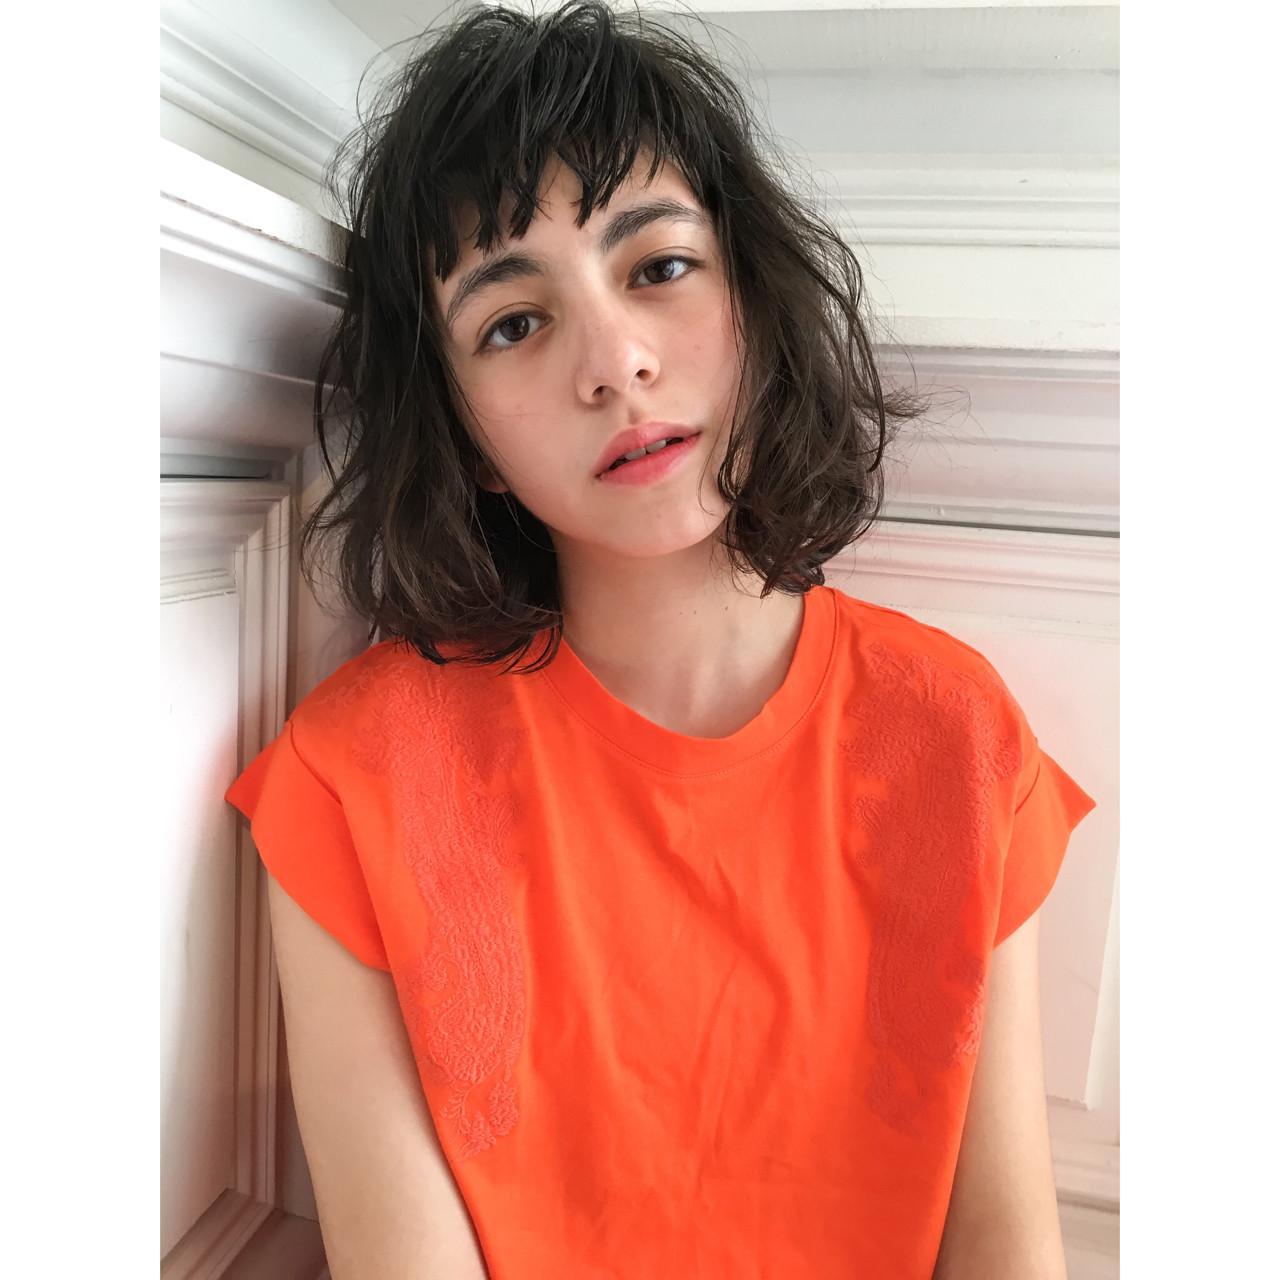 ウェーブ ゆるふわ ナチュラル 大人かわいい ヘアスタイルや髪型の写真・画像 | スガ シュンスケ / Tierra (ティエラ)